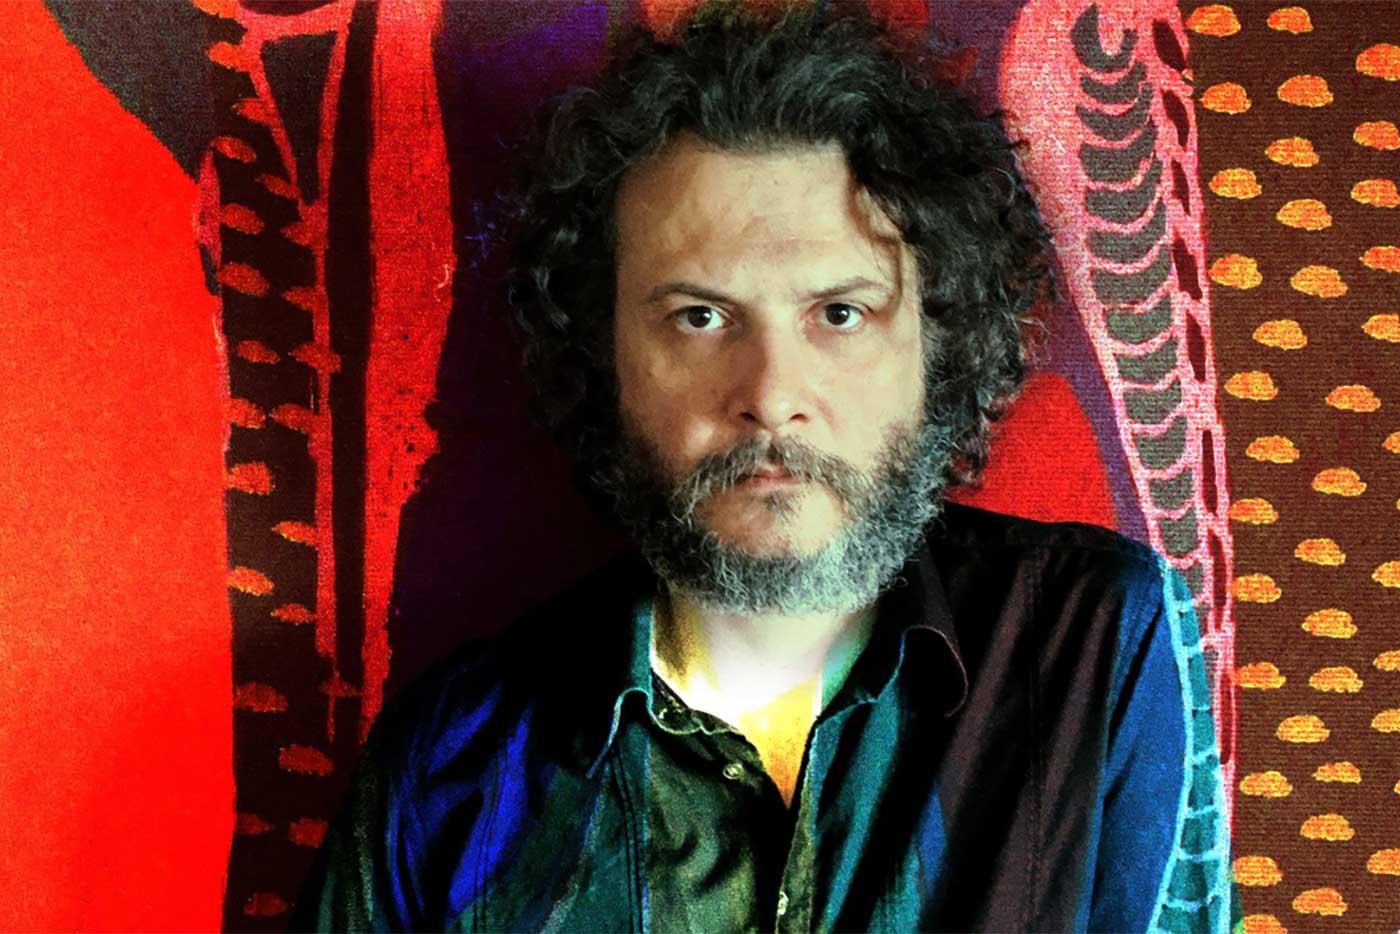 """Jose Domingo estrena """"Un segundo más así"""", single adelanto de su nuevo disco"""